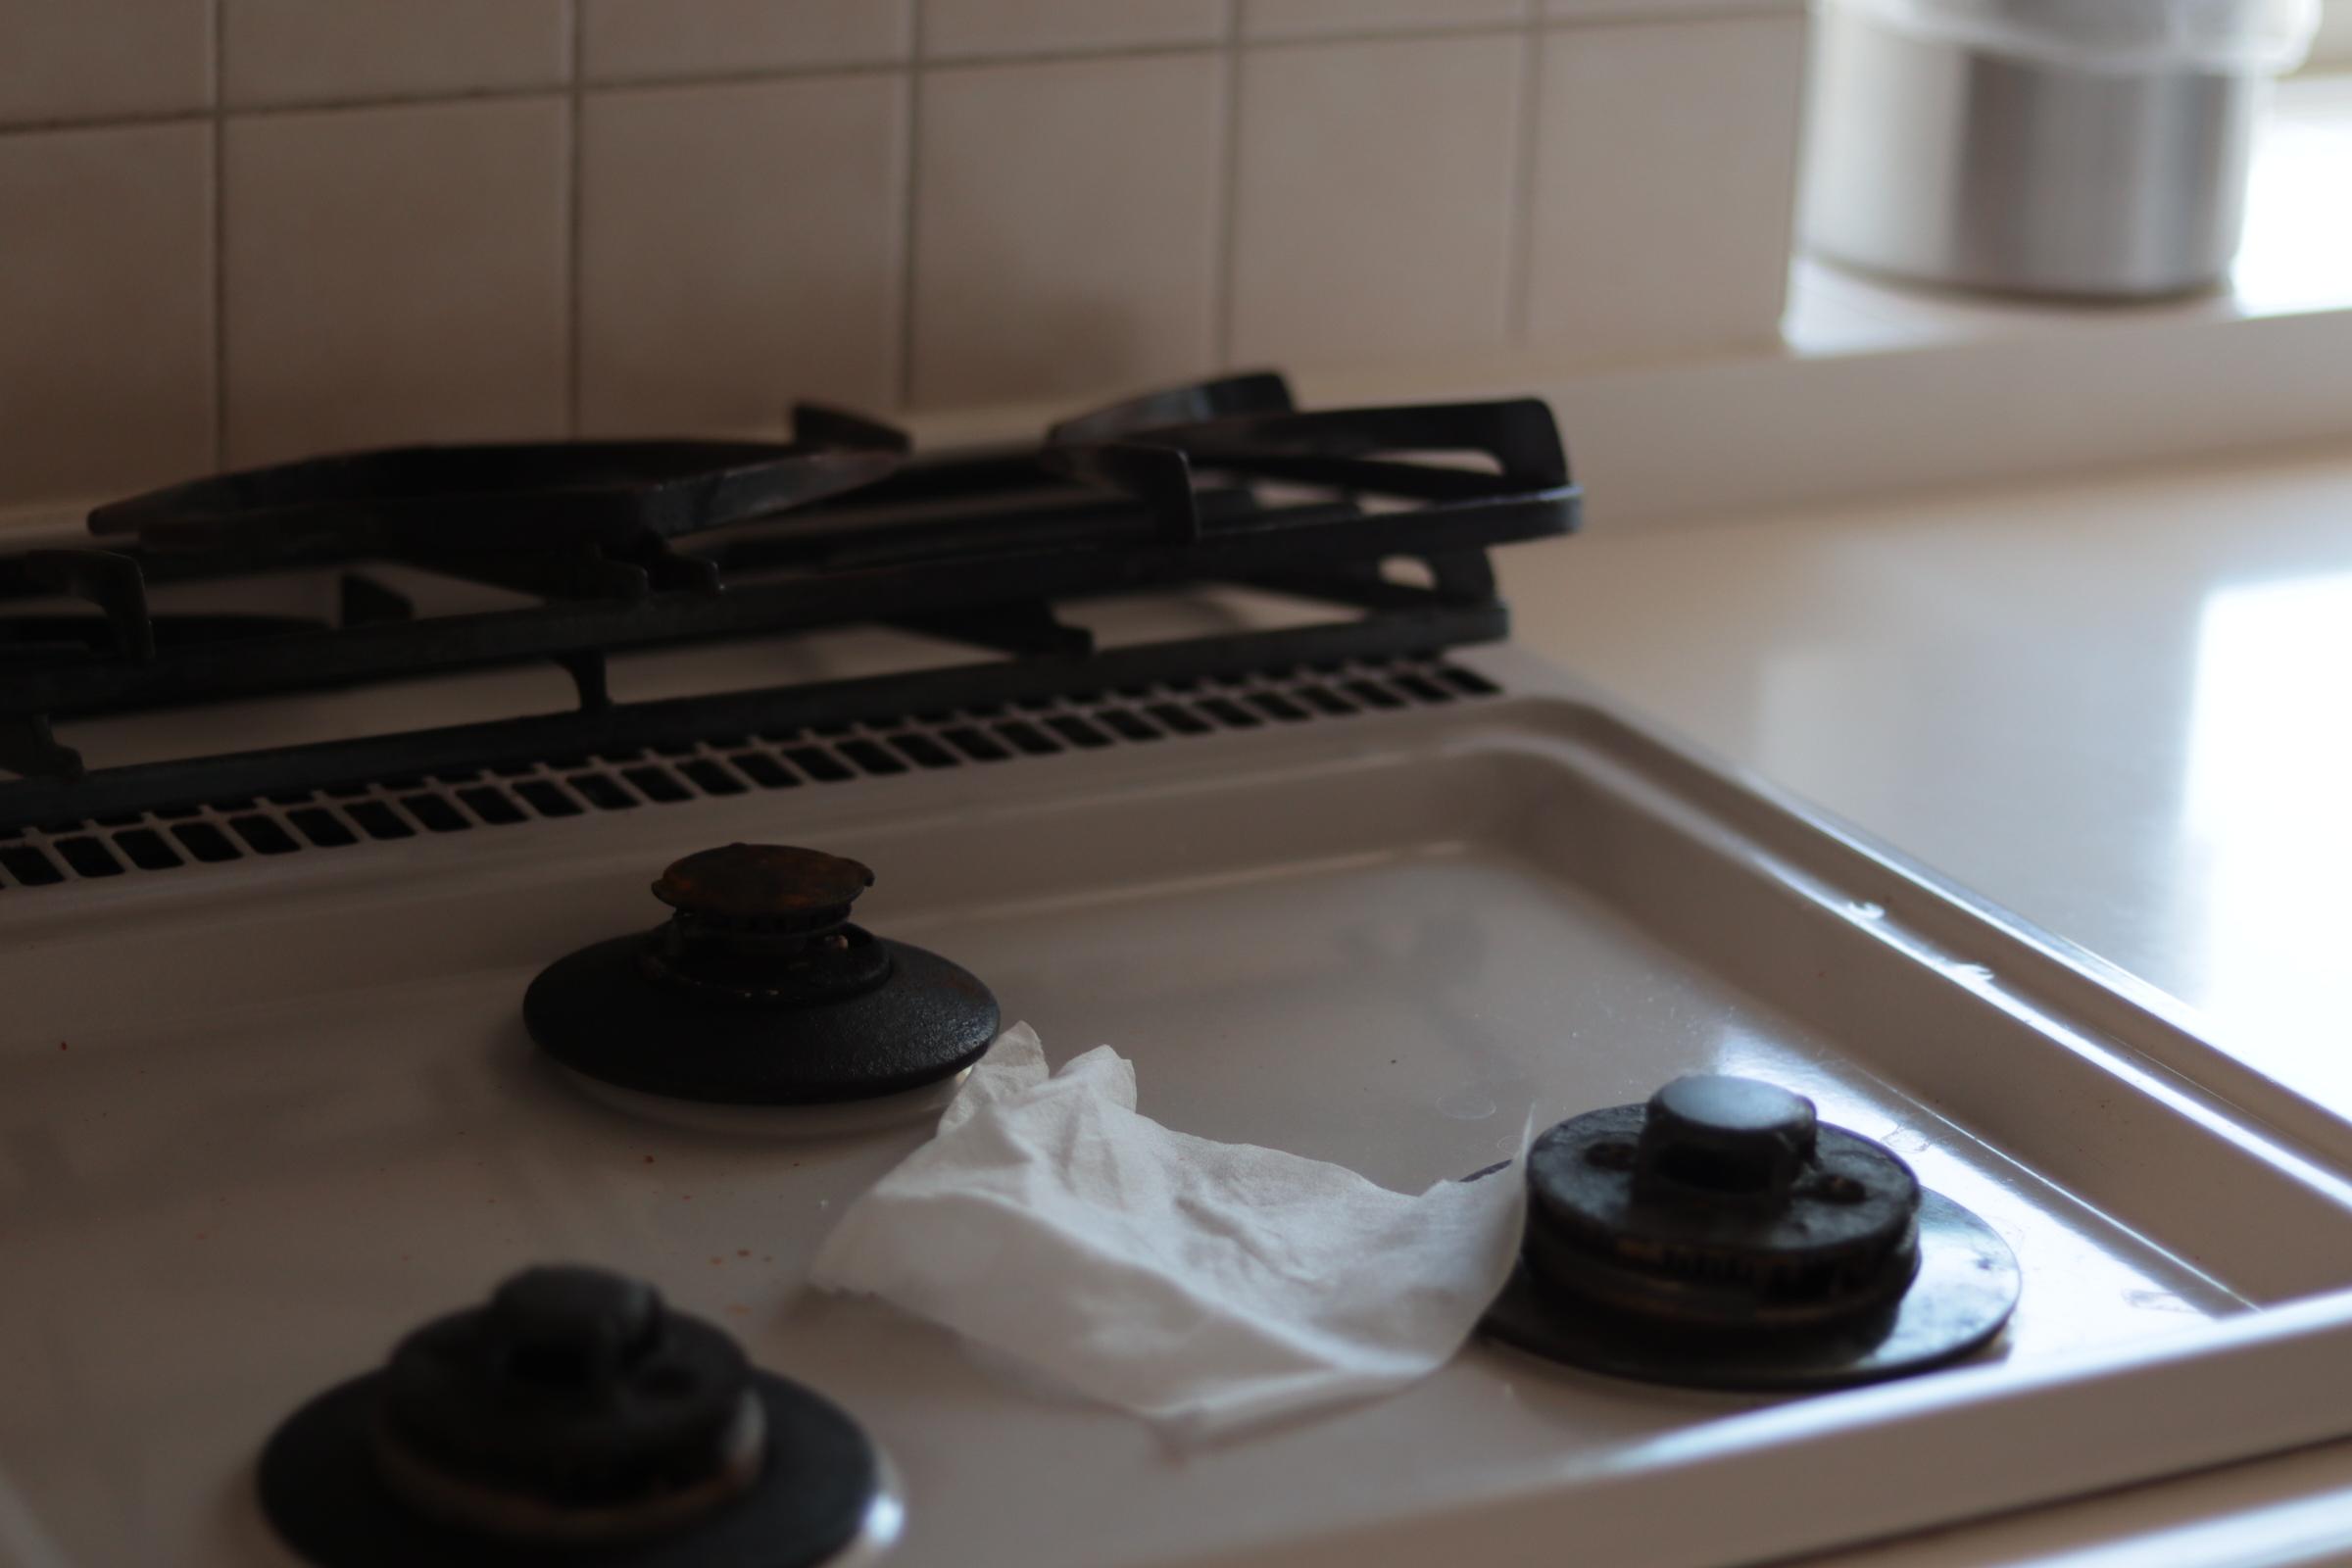 大嫌い!な掃除をちょっぴりラクにしてくれた、小さなアイデア7つ